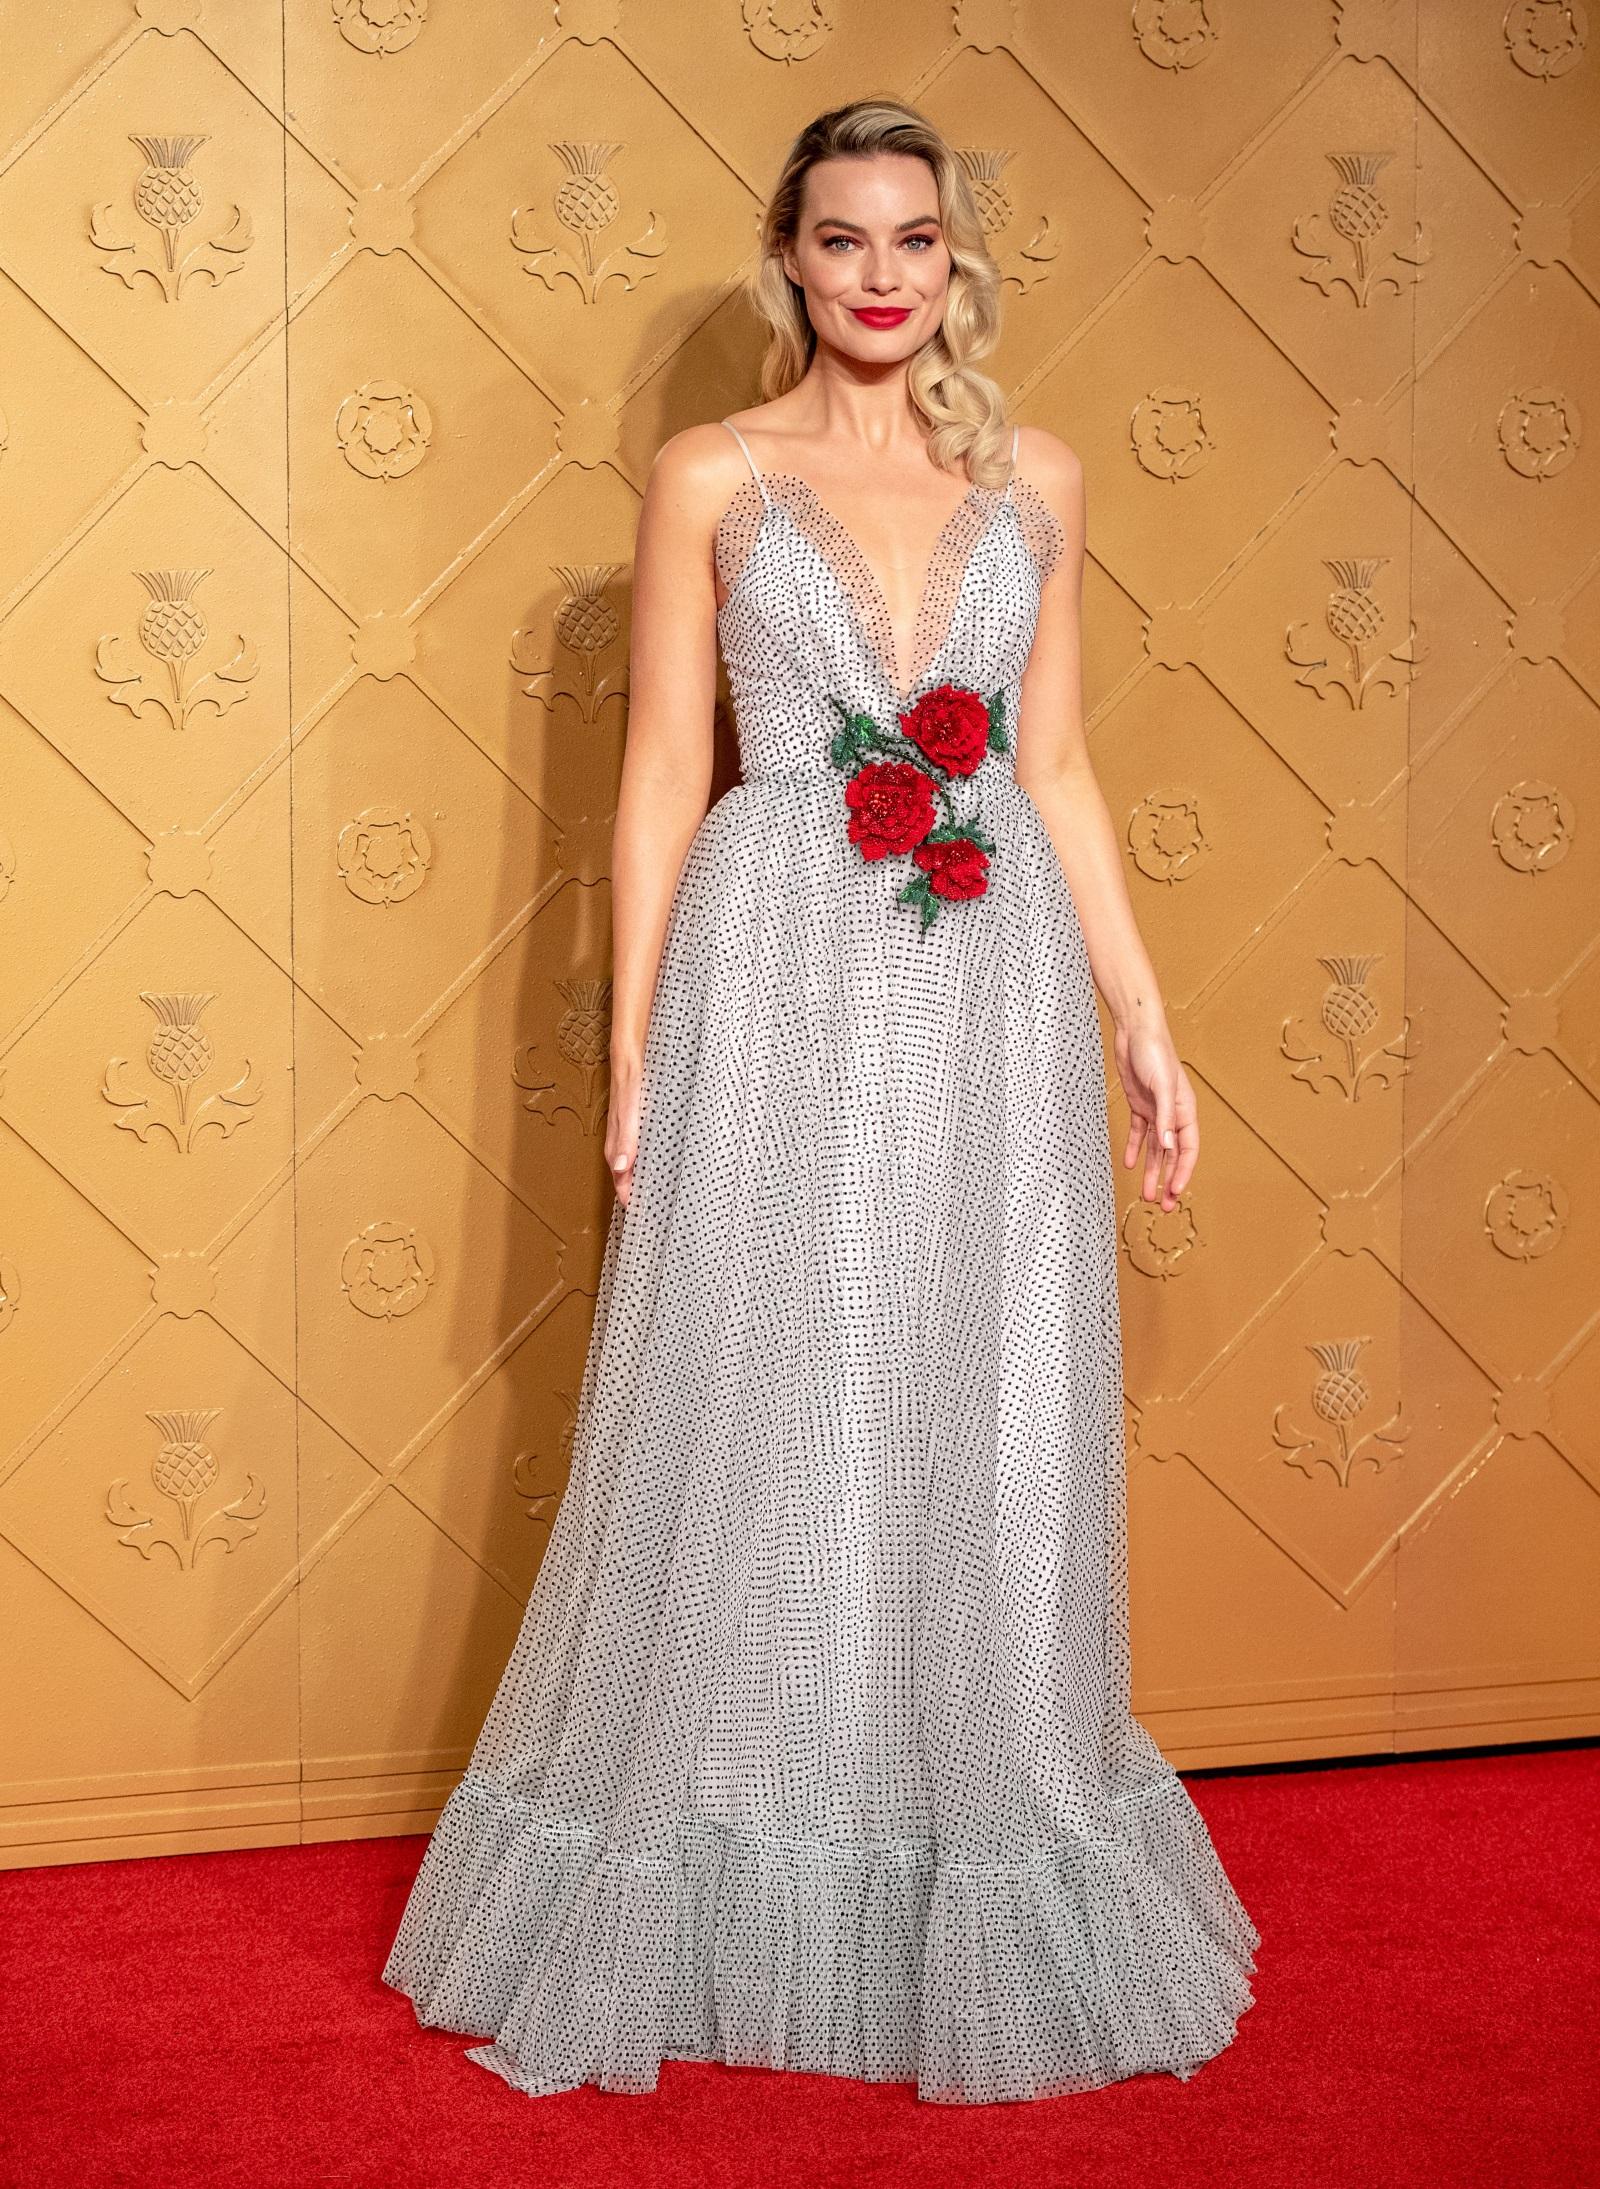 Русокосата красавица Марго Роби ще влезе в образа на Барби в нов филм. Лентата е по повод 60-годишния юбилей на известната кукла. Австралийската актриса обяви, че ще бъде копродуцент на филма. Засега не е обявен сценарий или дата, на която продукцията ще се появи по кината.